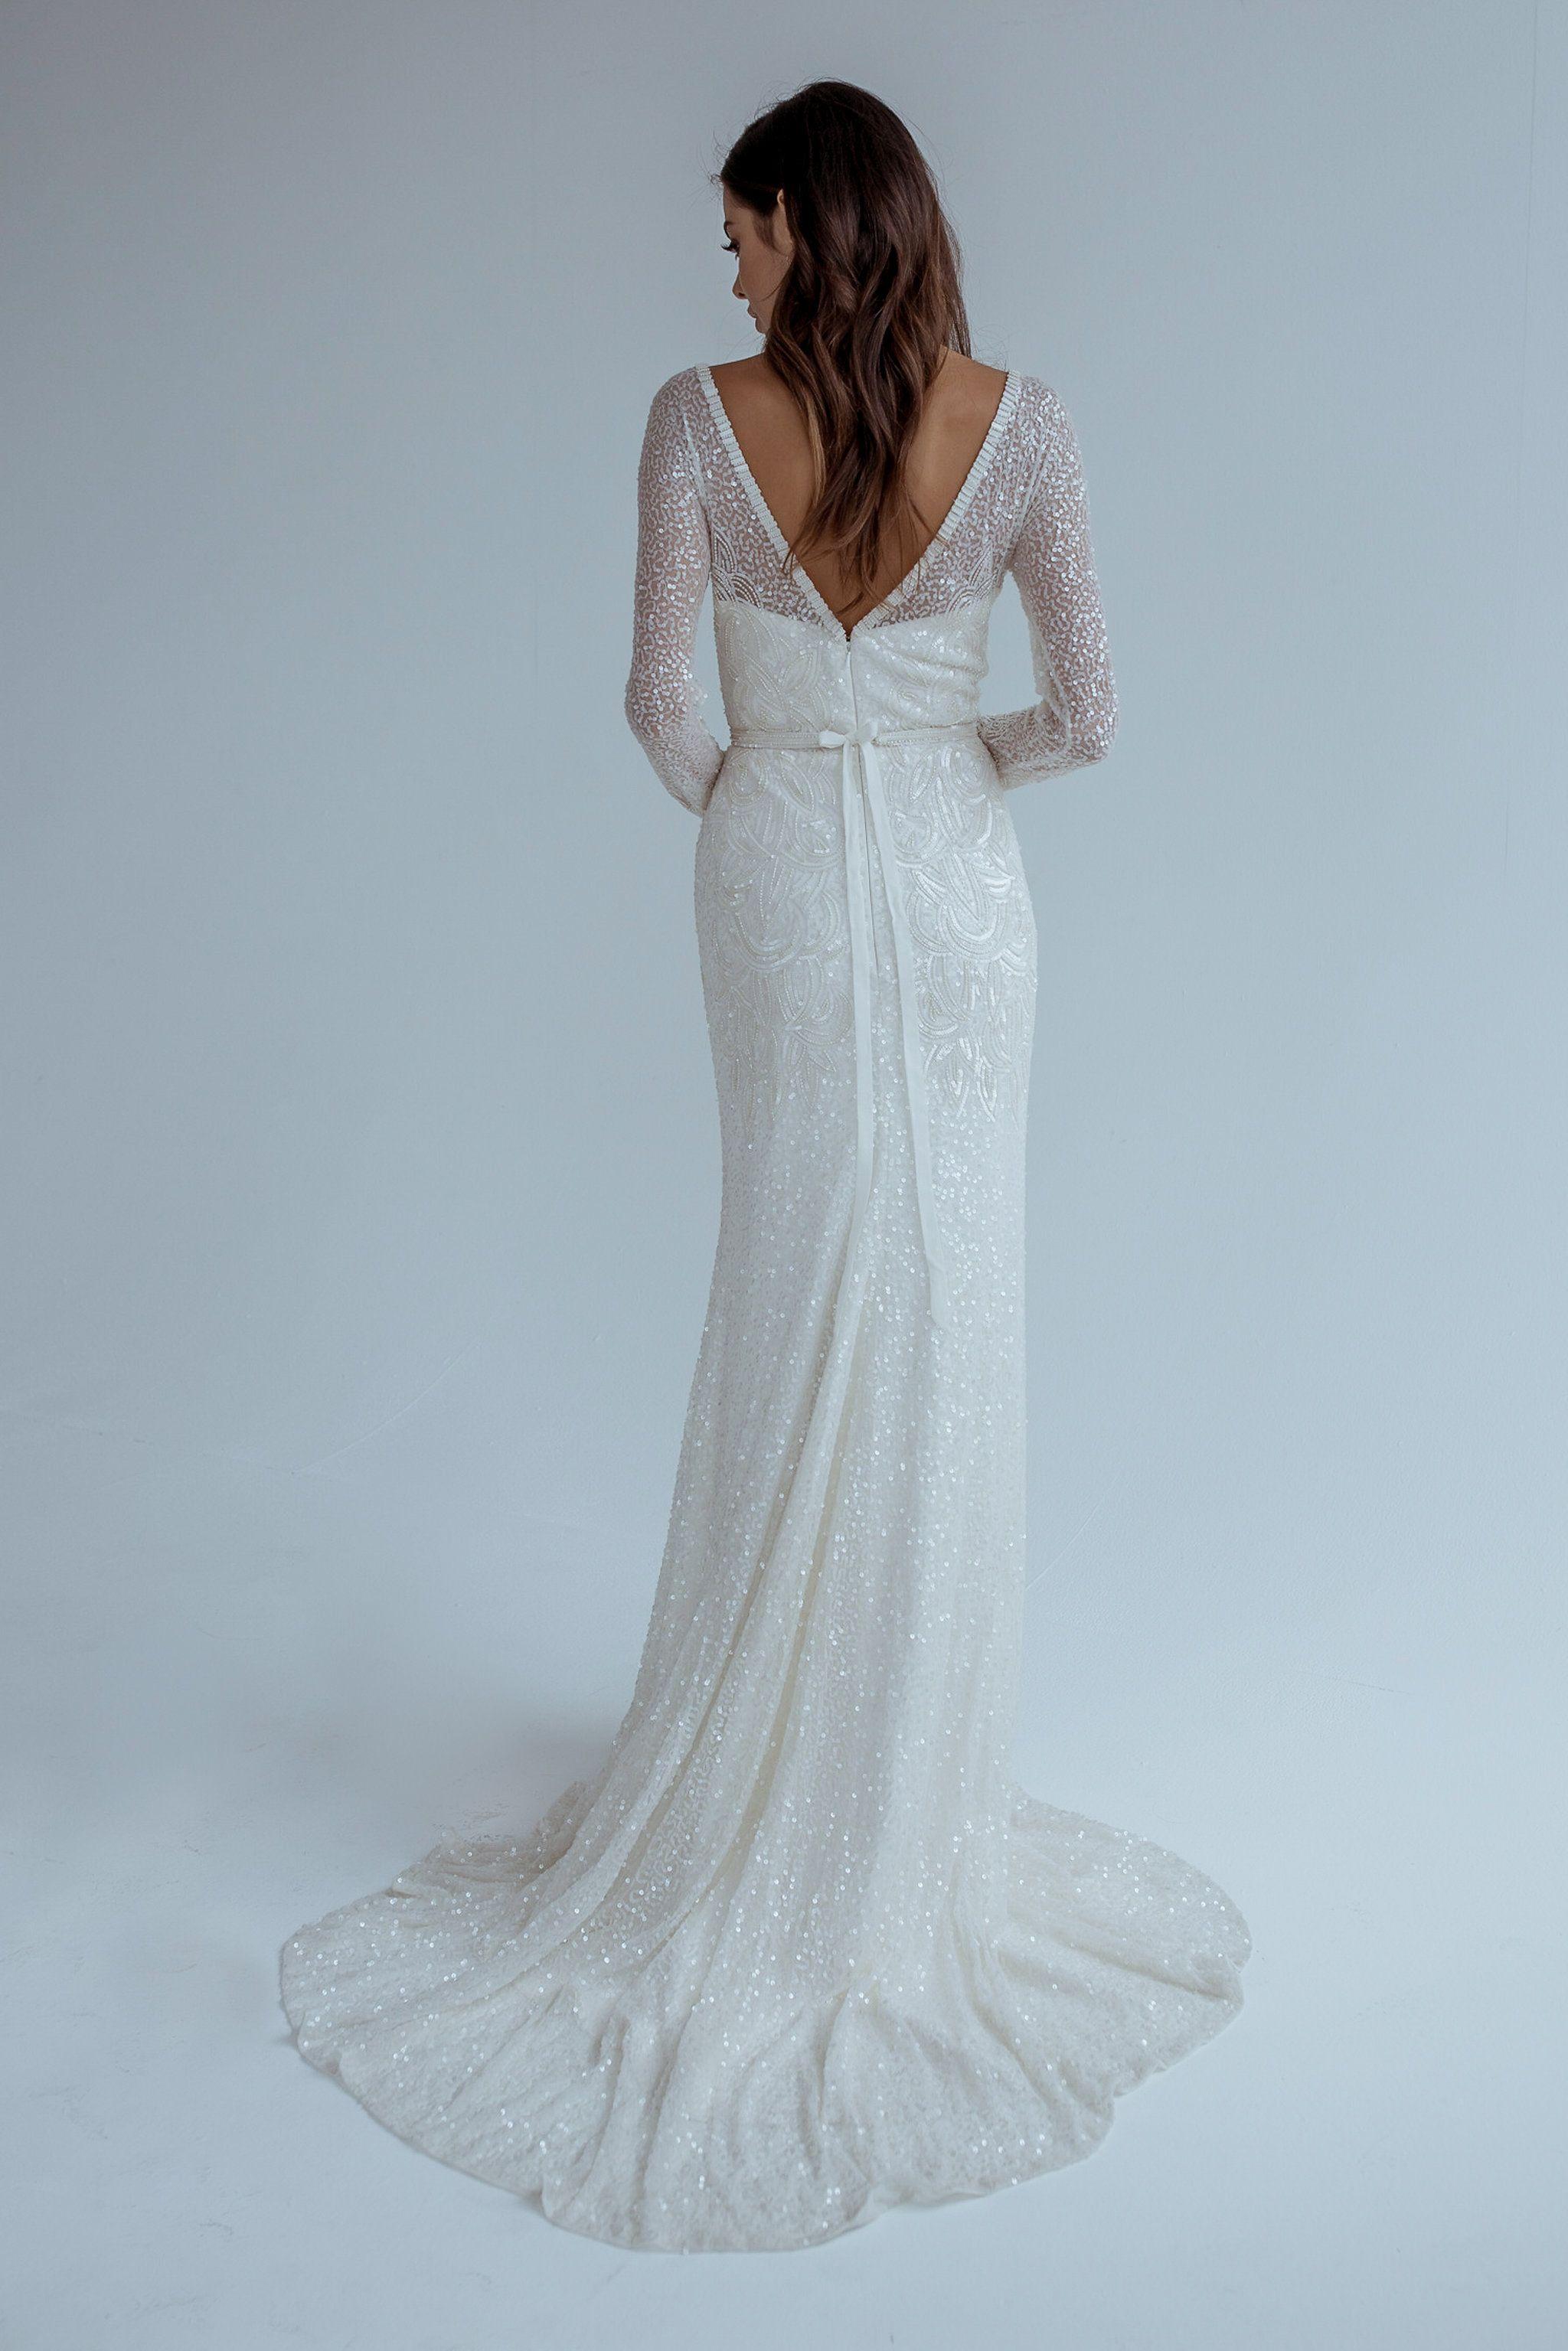 Old Fashioned Wedding Dresses Greensboro Nc Sketch - All Wedding ...